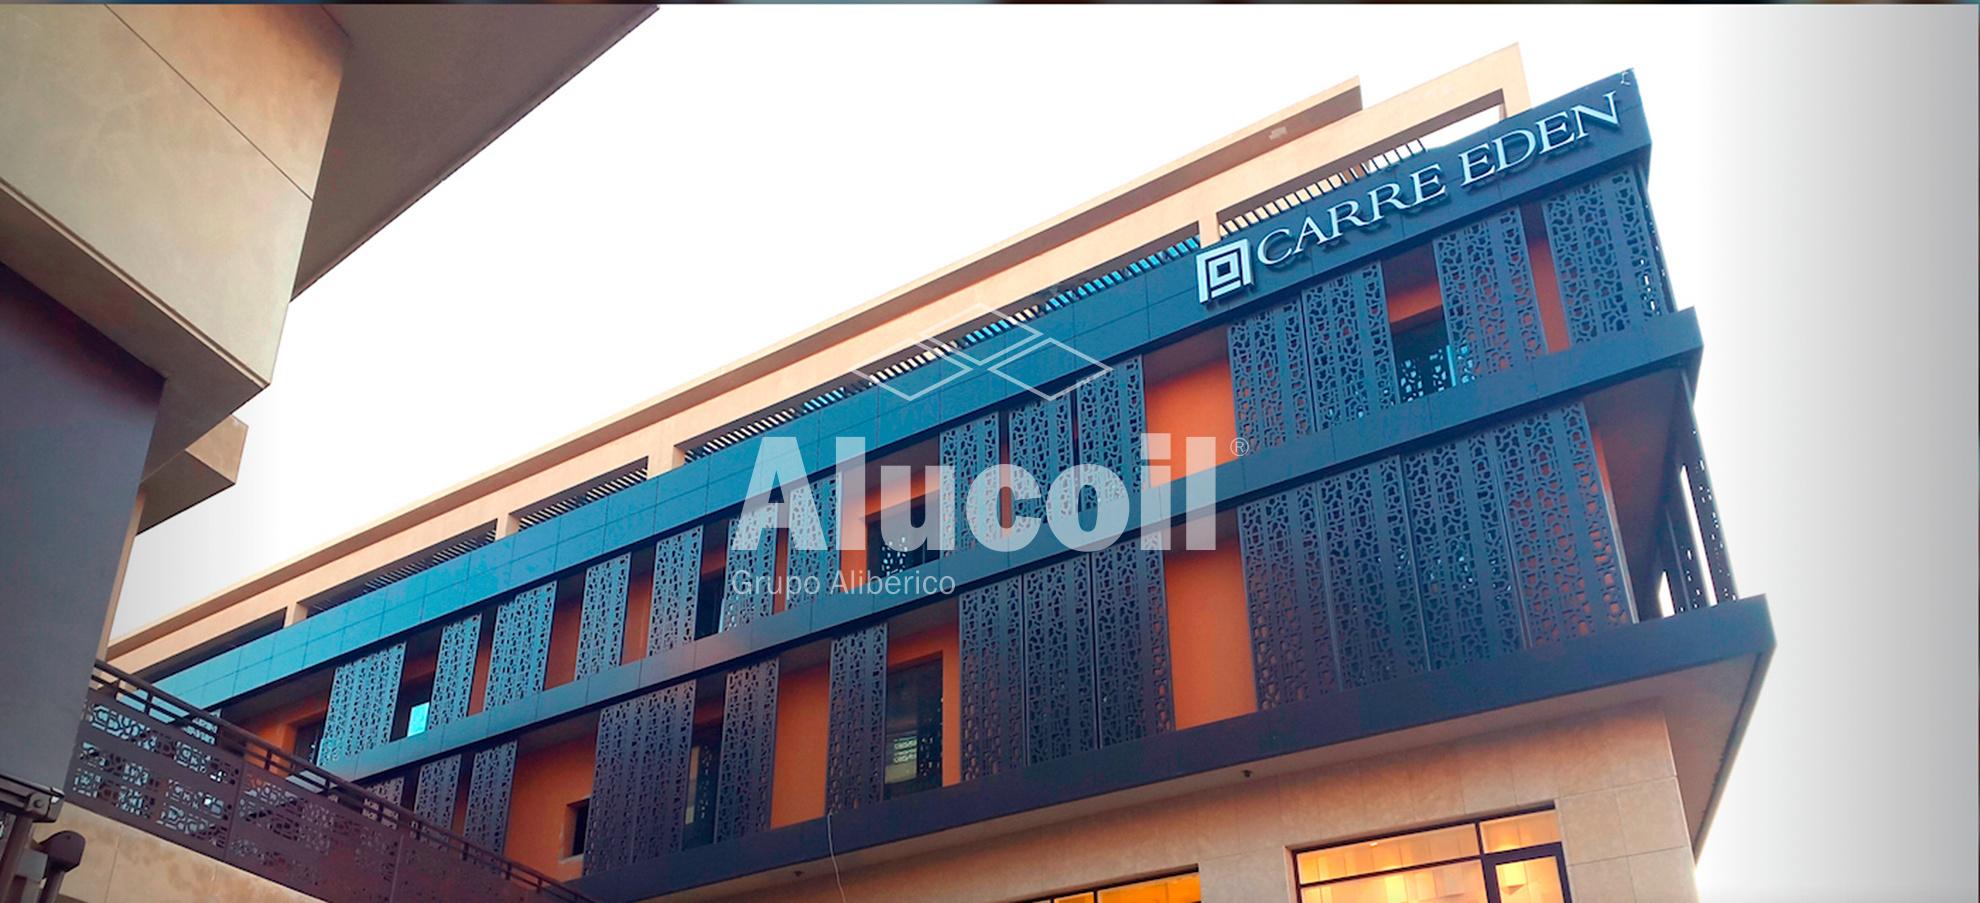 Radisson Blu - Marrakech Carré Eden